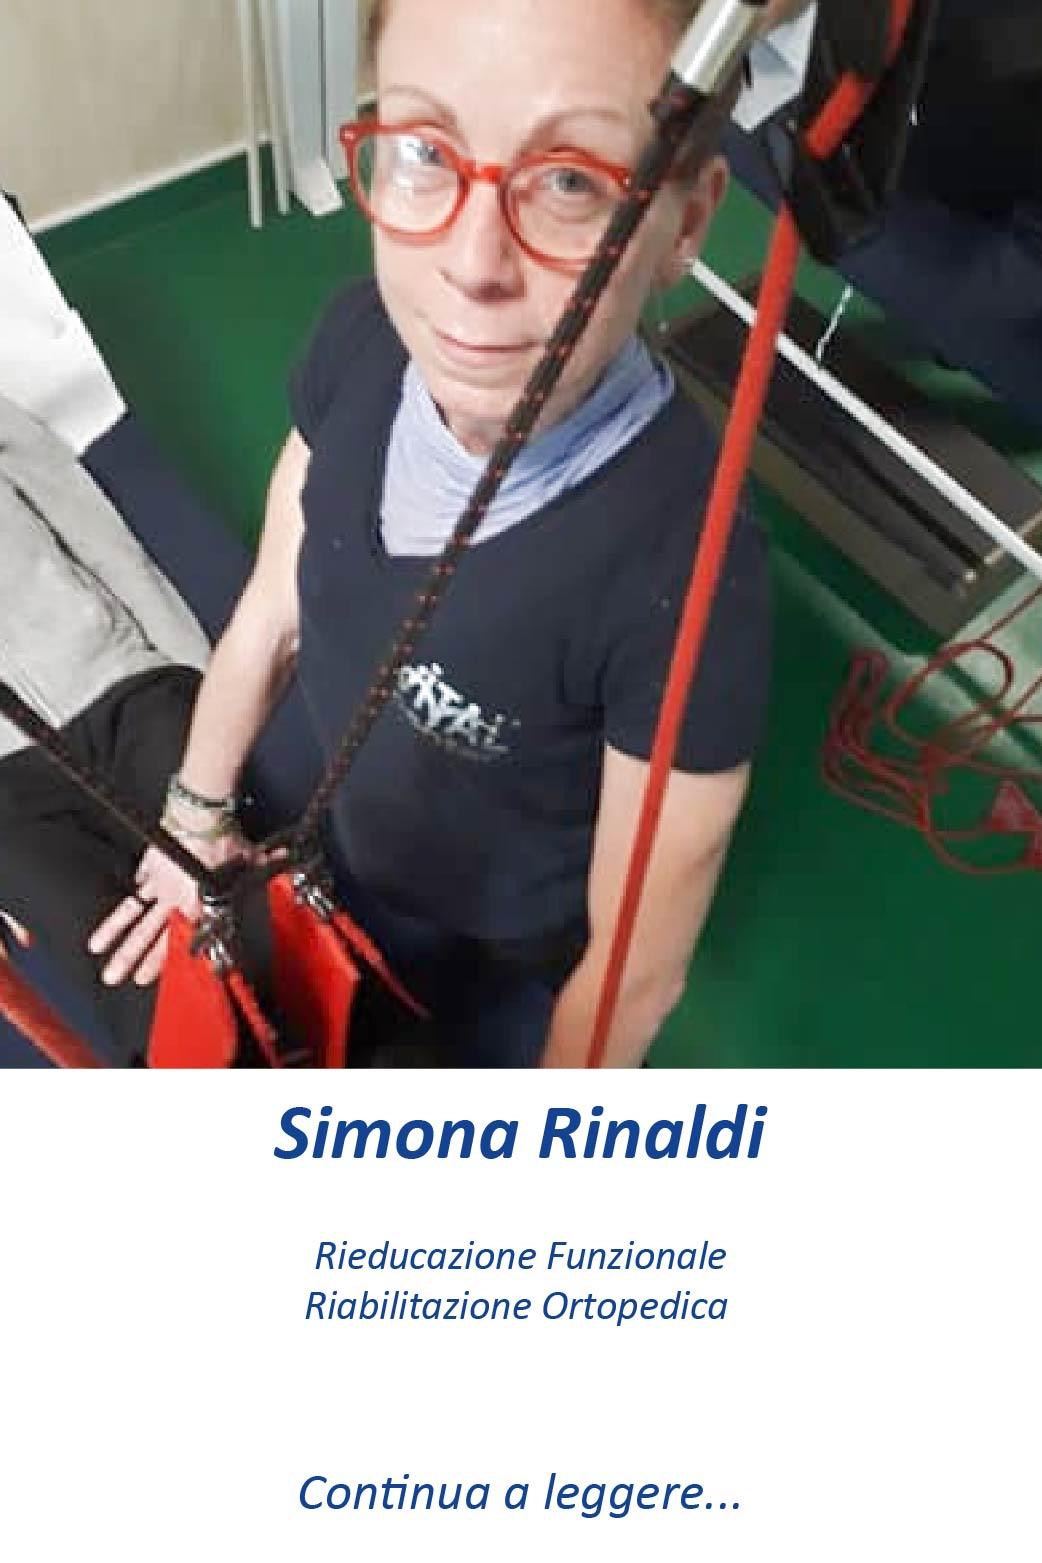 simona-rinaldi-equipe-fisioterapia-riabilitazione-vital-center-empoli